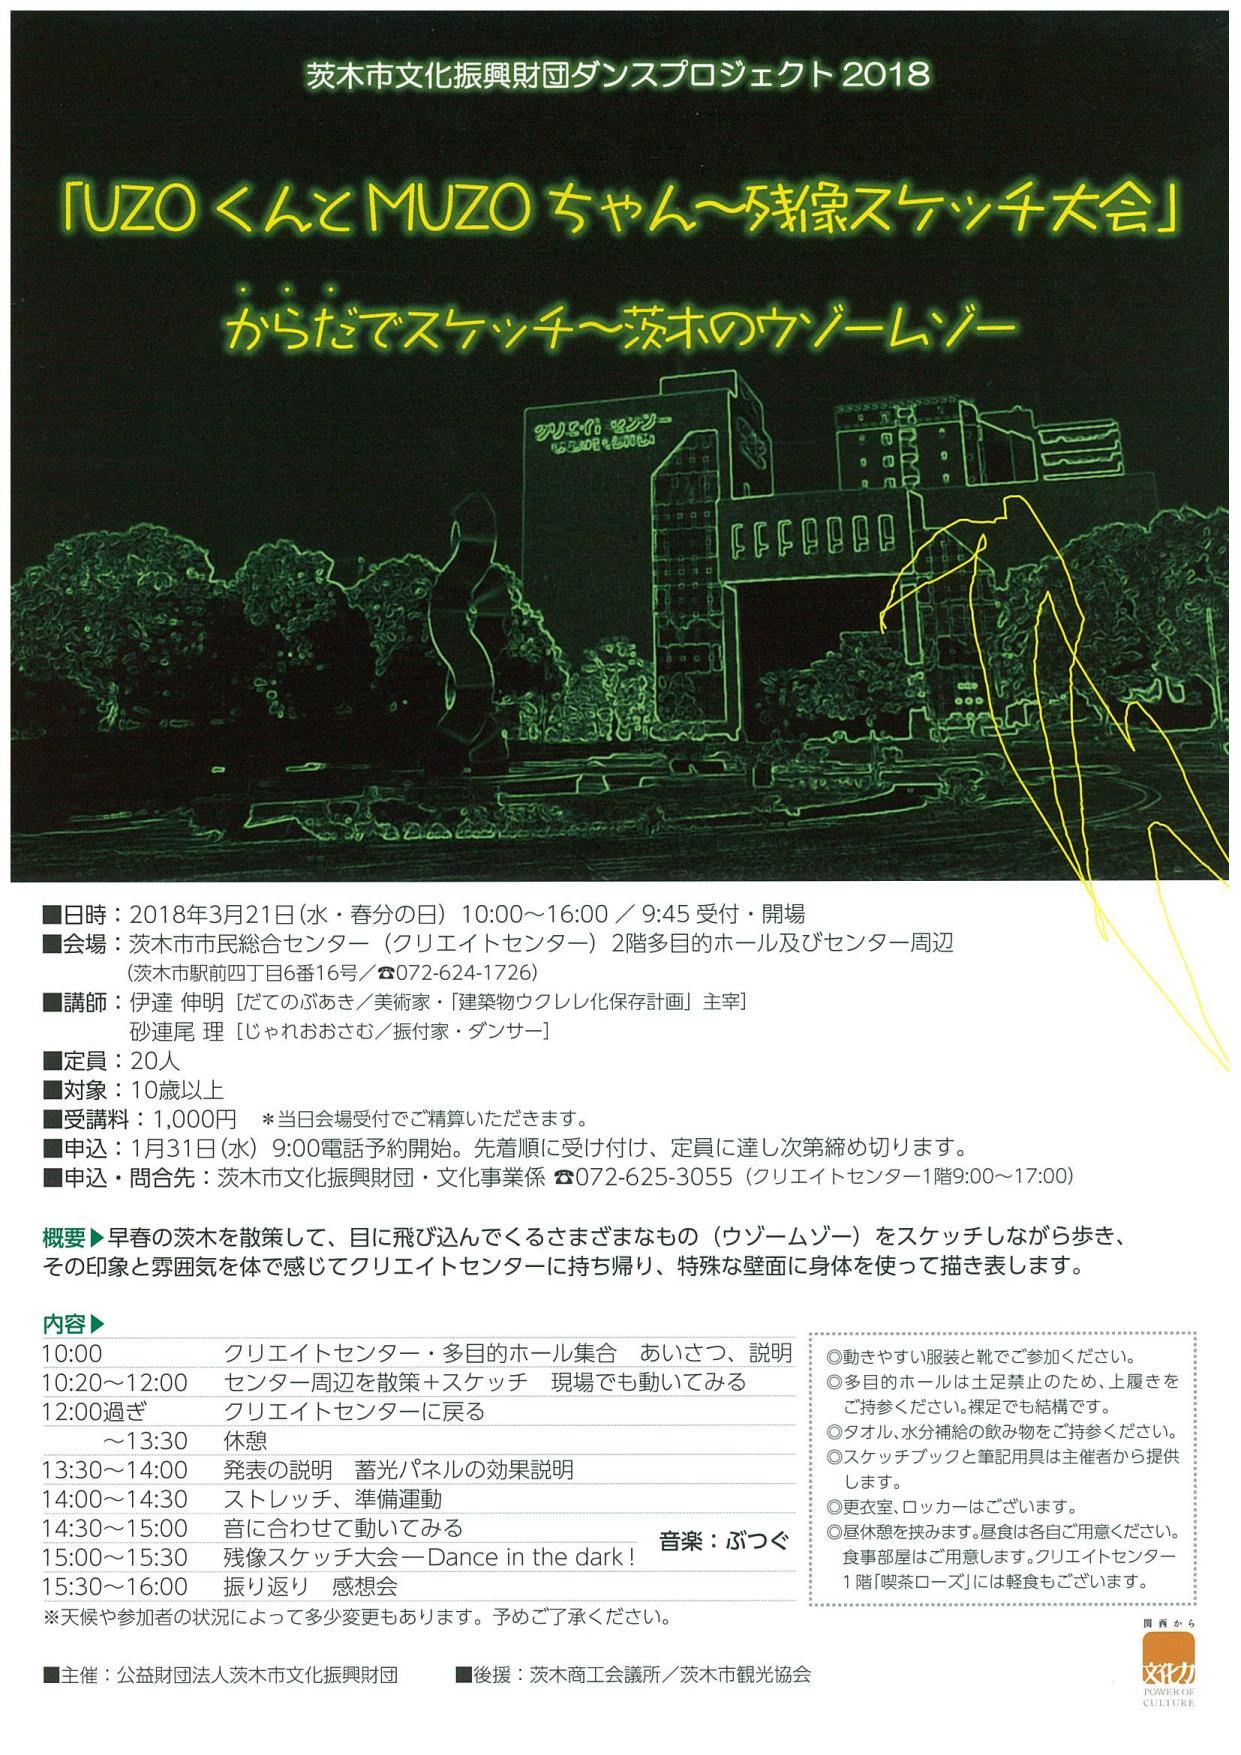 茨木市文化振興財団ダンス プロジェクト2018  「UZOくんとMUZOちゃん ~残像スケッチ大会」 からだでスケッチ~茨木の ウゾームゾー